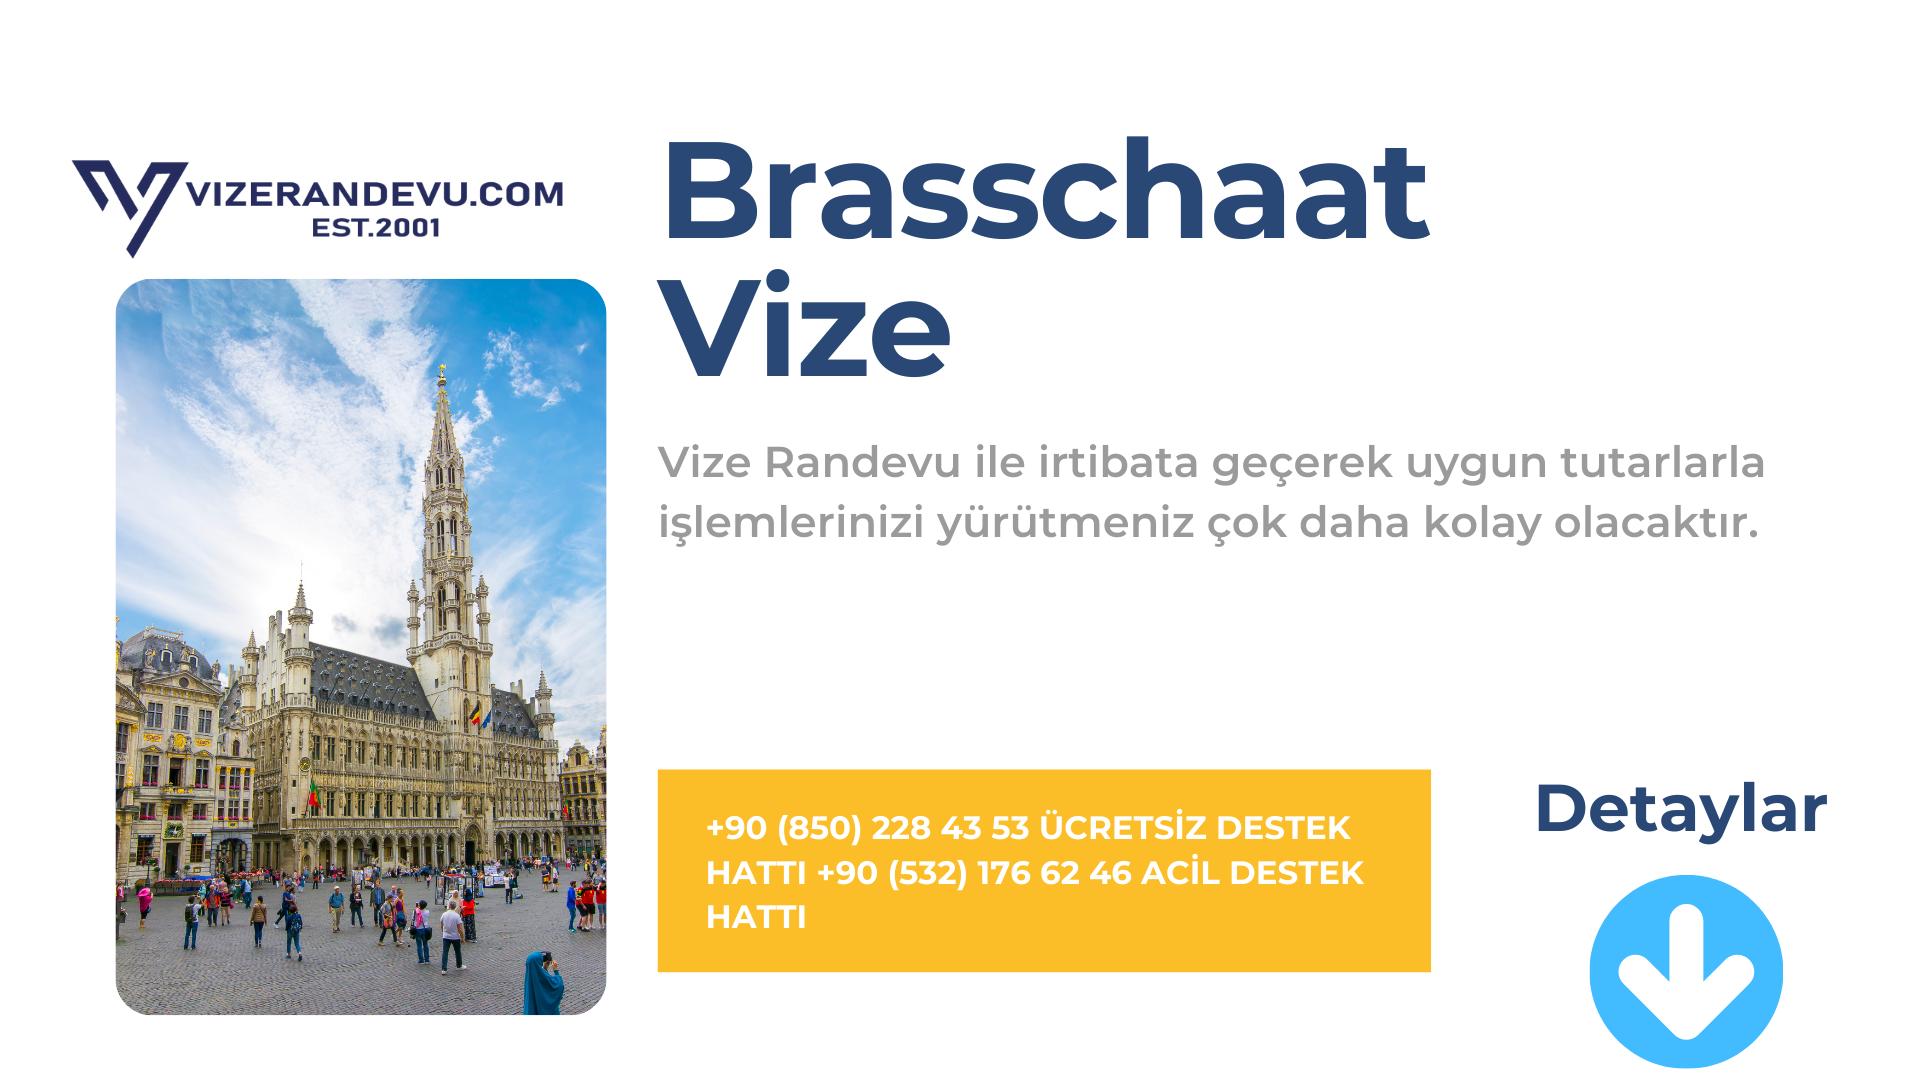 Brasschaat Vize